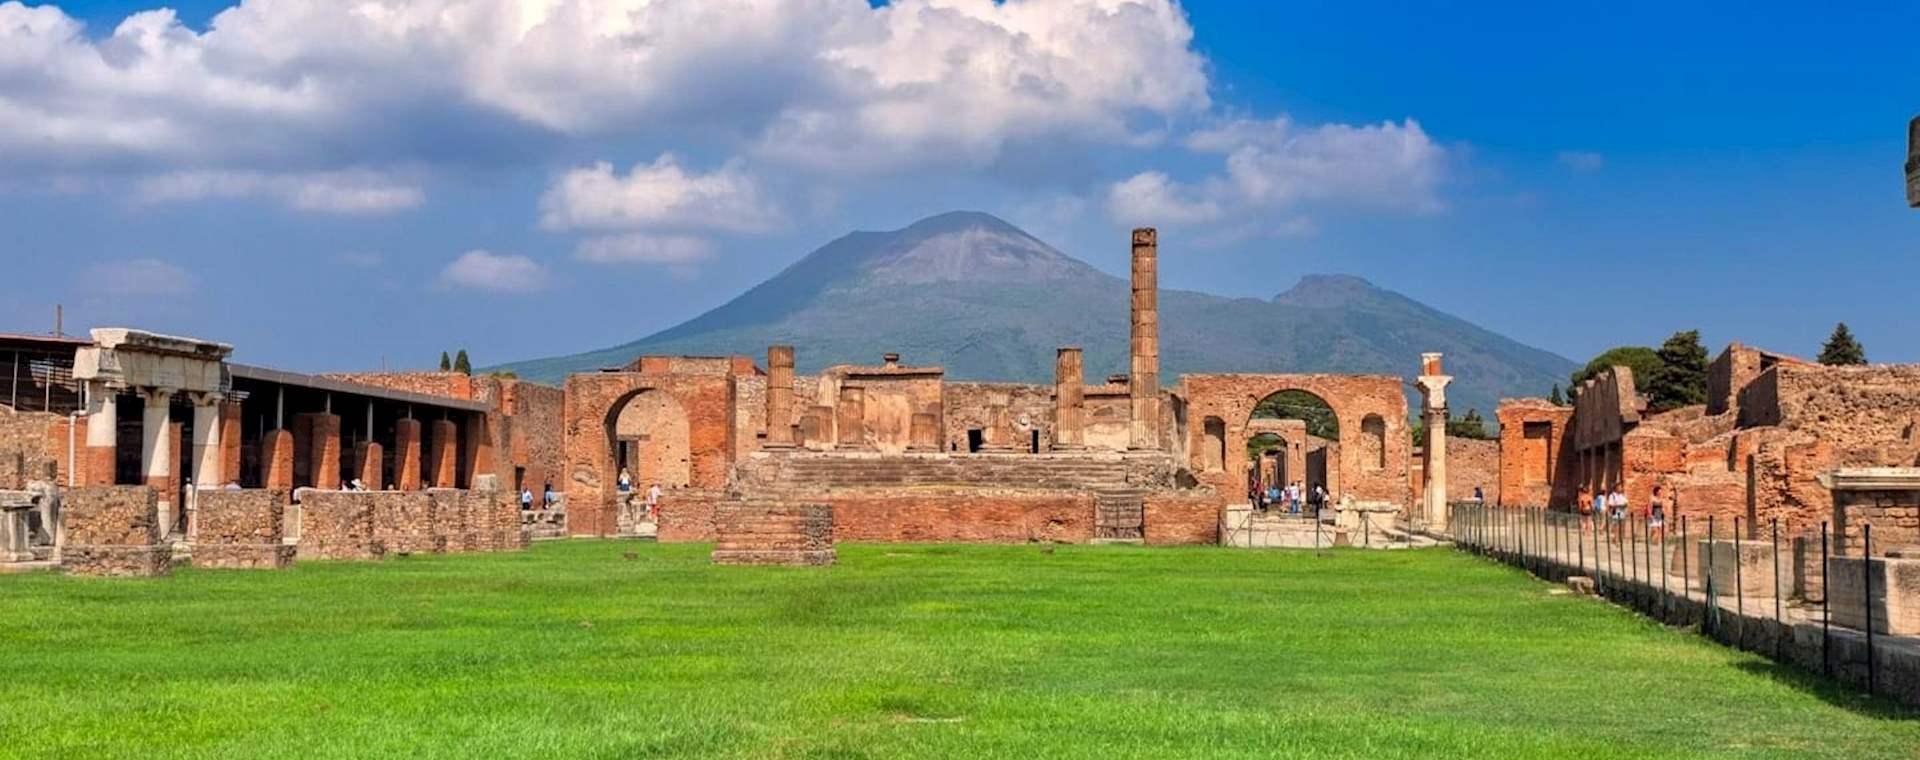 Pompeii & Mount Vesuvius from Sorrento